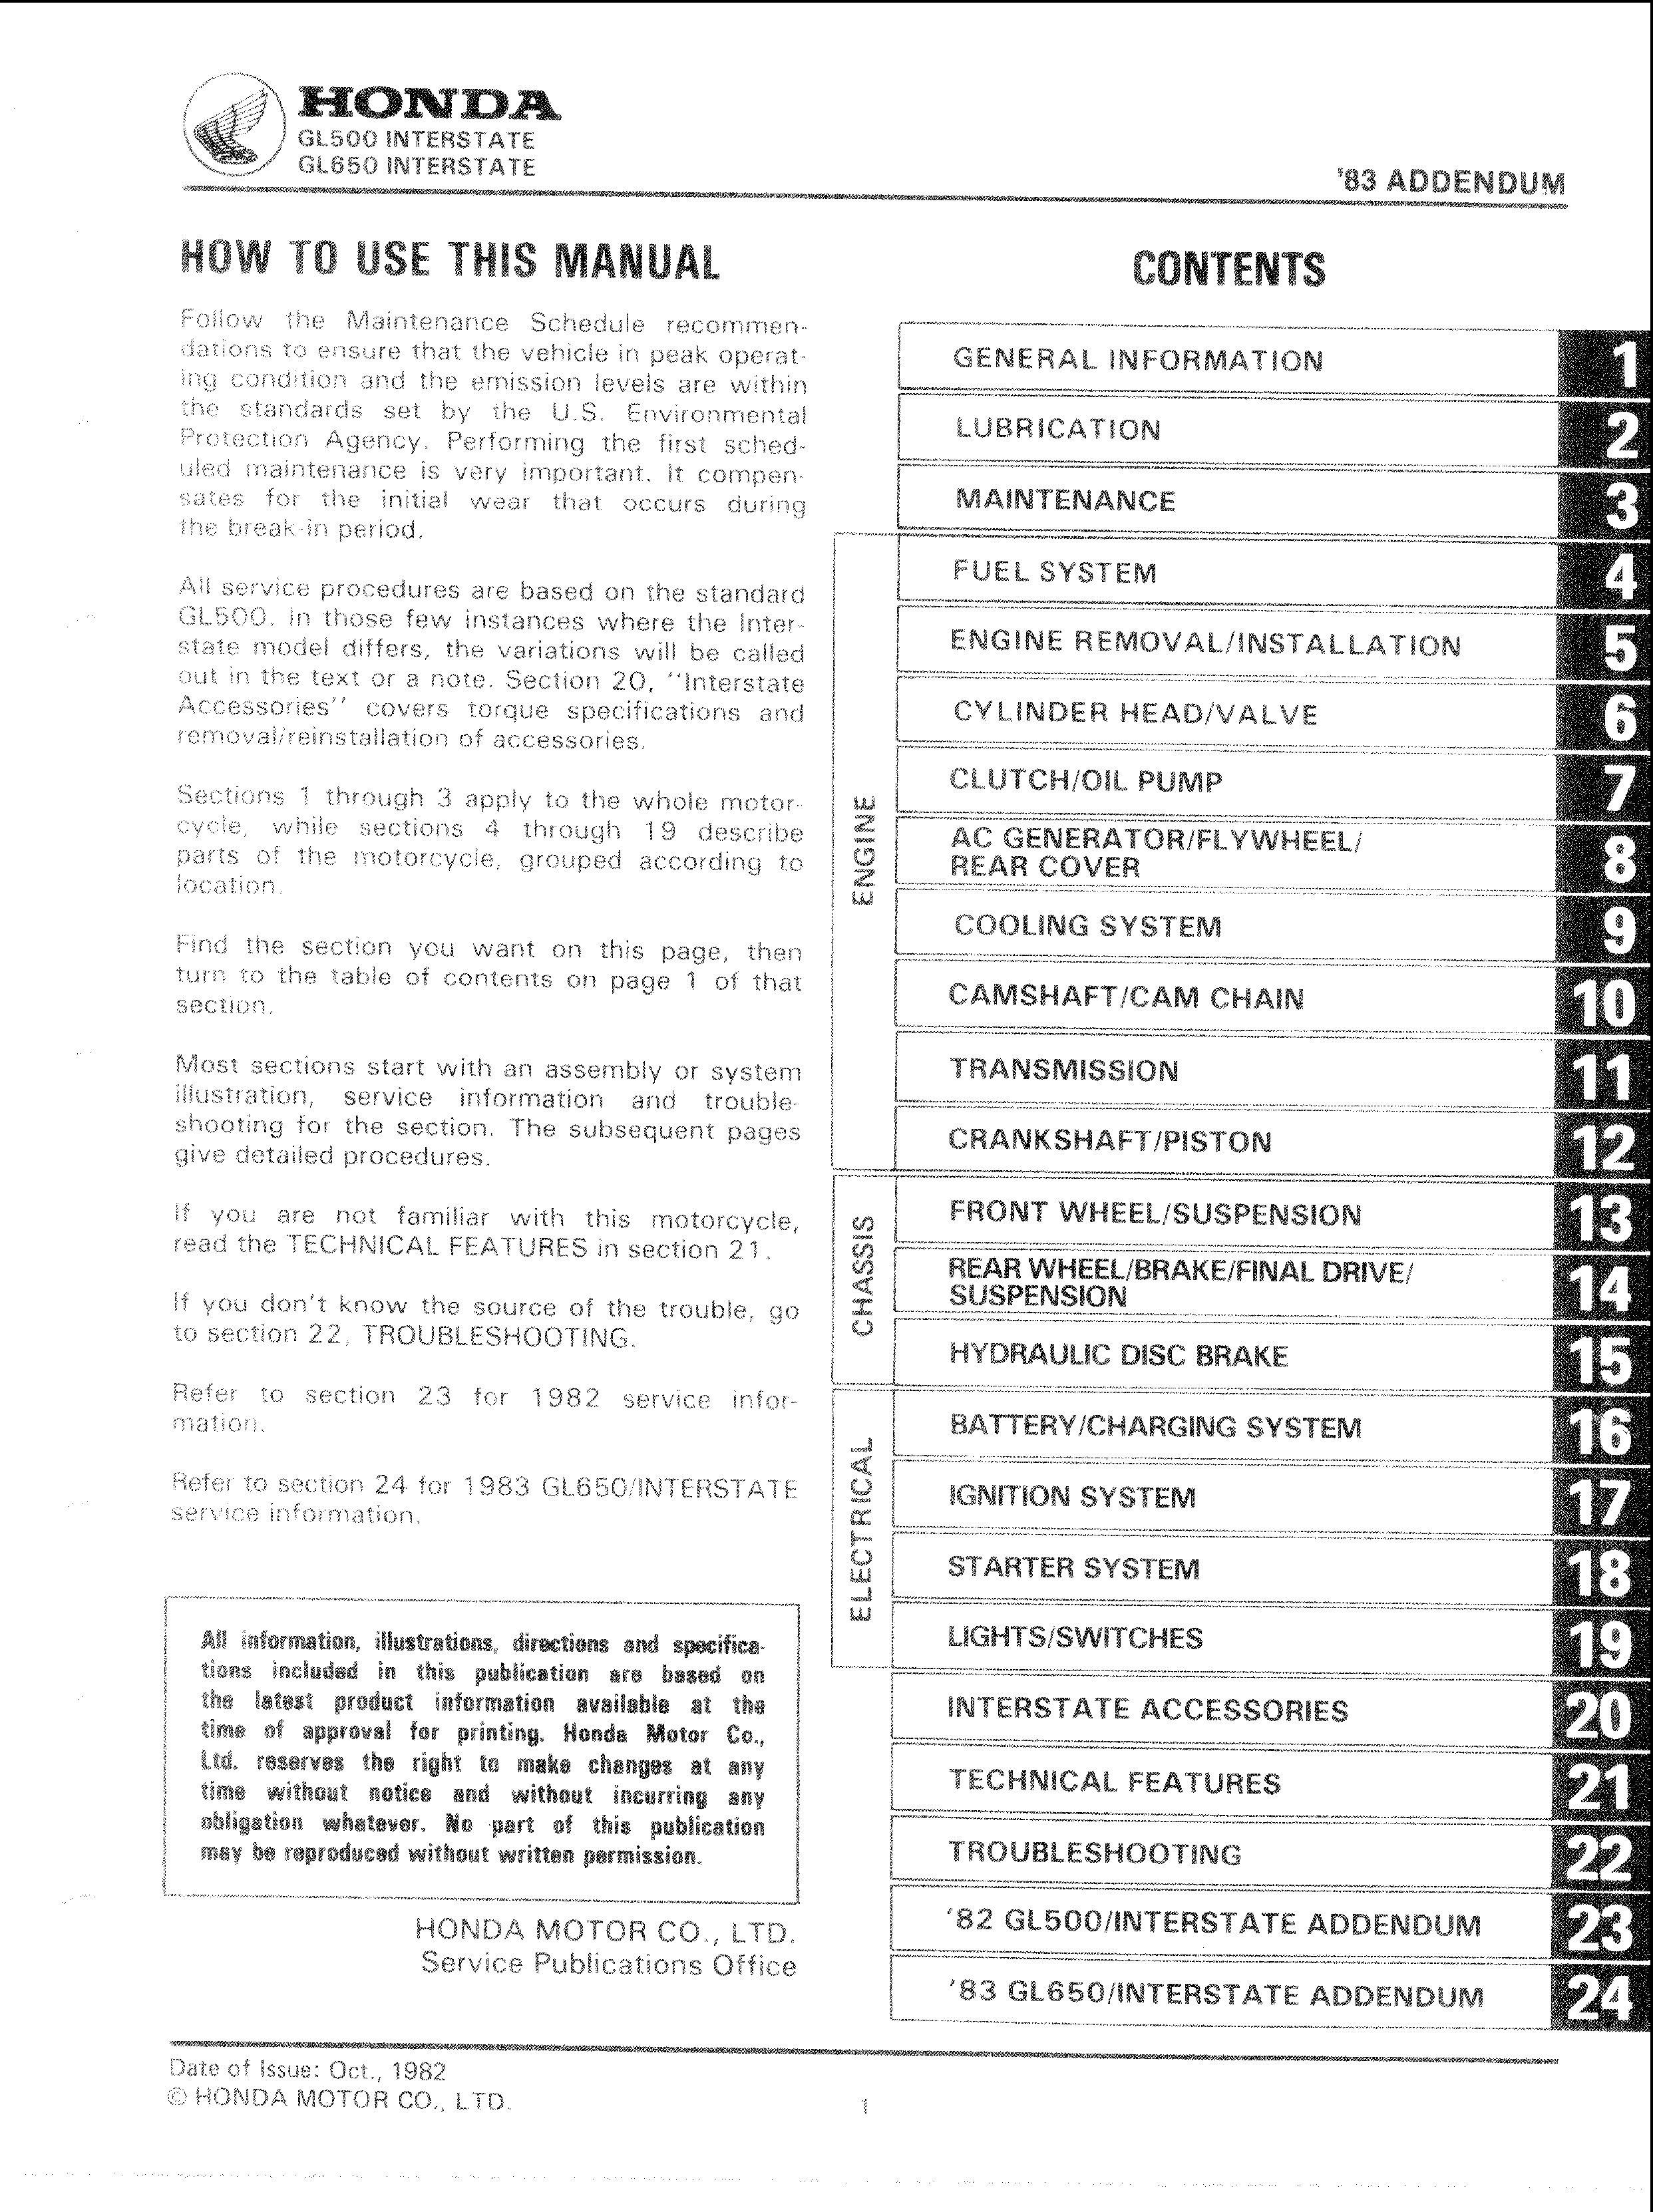 Workshop manual for Honda GL500 (1982)